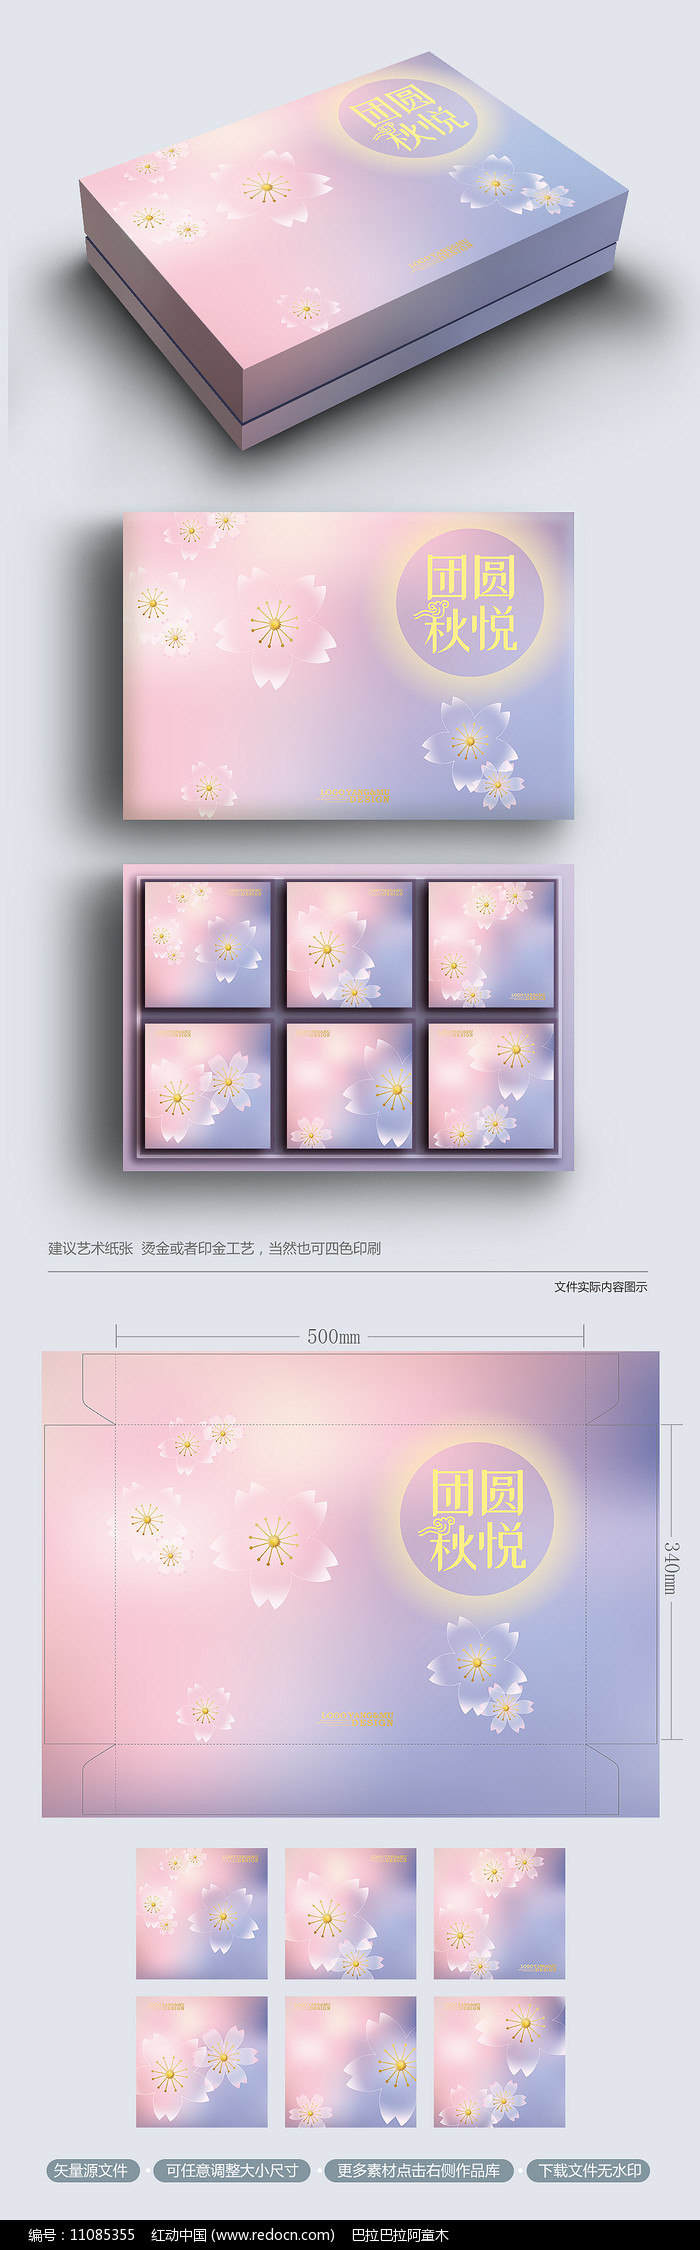 简约唯美樱花月饼包装礼盒图片